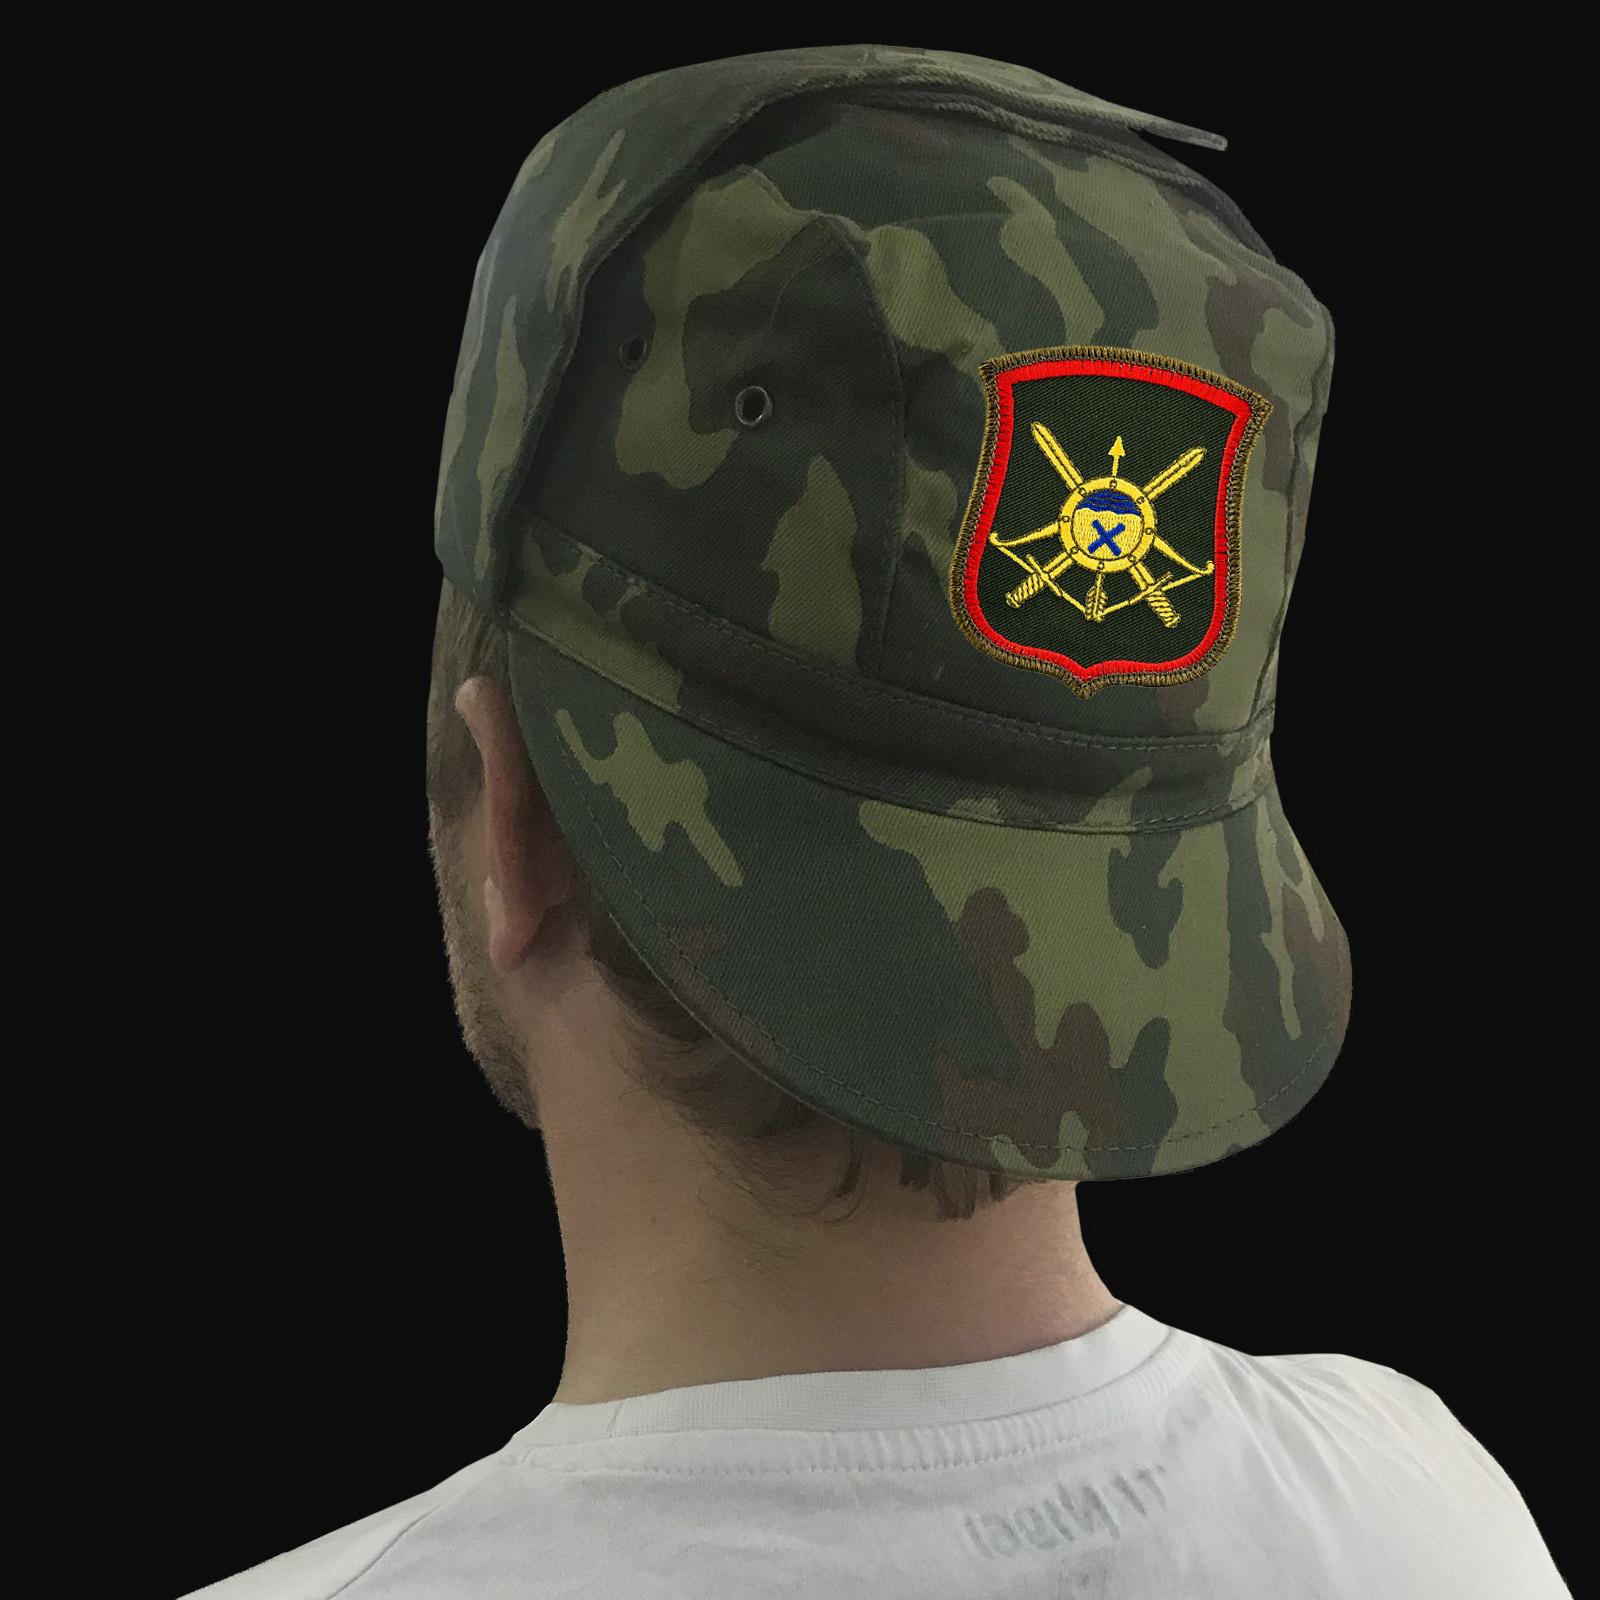 Кепки и бейсболки с символикой ракетных войск РФ